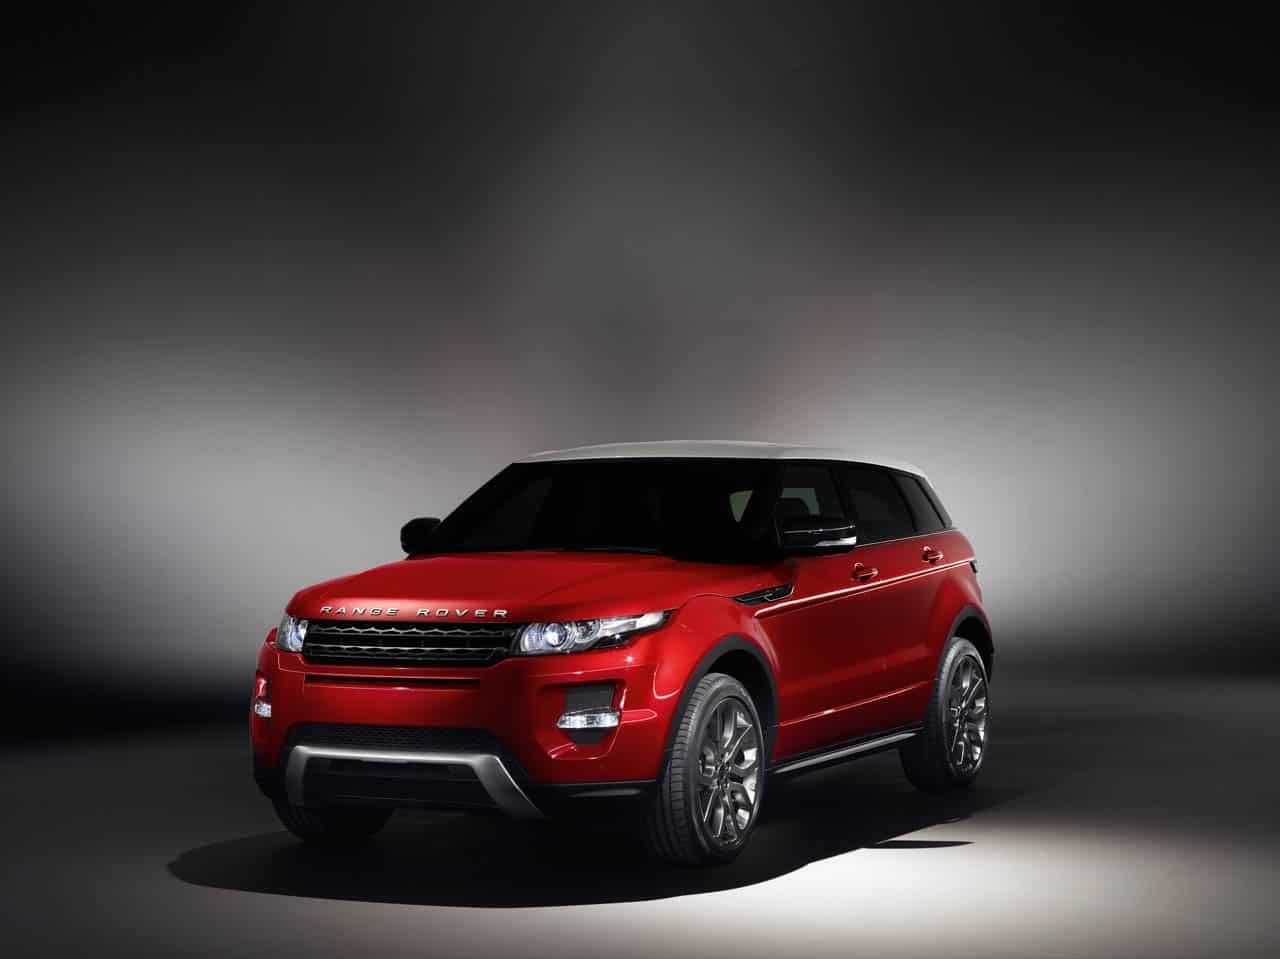 Range-Rover-Evoque-5-door-CUV